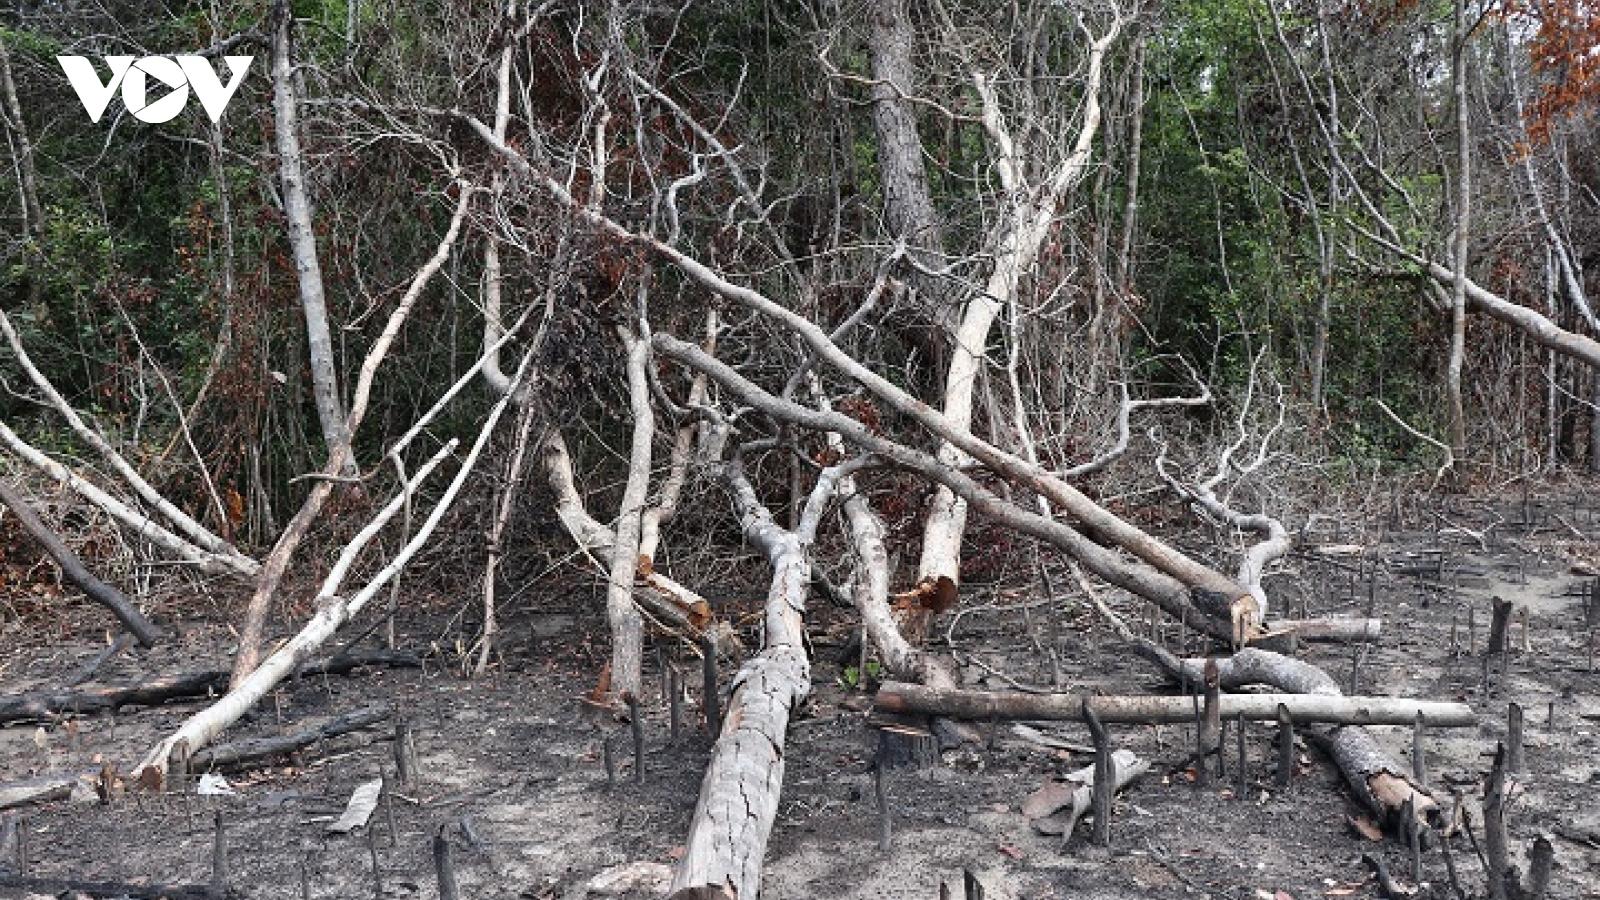 Rừng tự nhiên tại khu di tích lịch sử Hội trường Mùa Xuân (Phú Yên) bị xâm hại